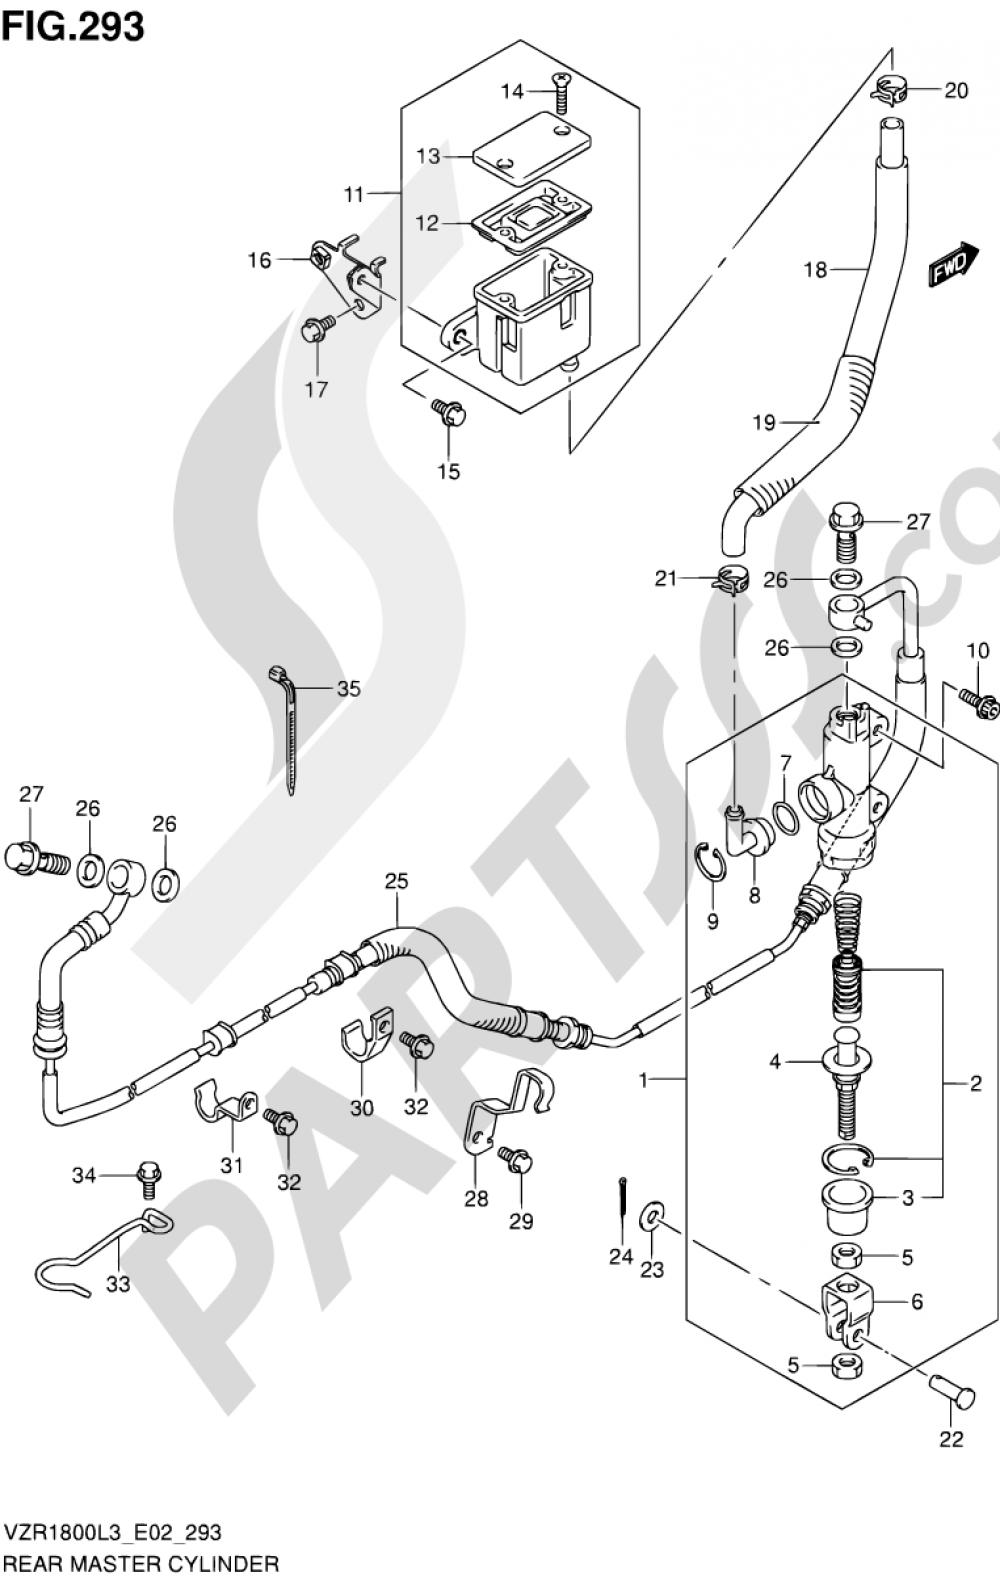 293 - REAR MASTER CYLINDER (VZR1800L3 E19) Suzuki VZR1800 2013